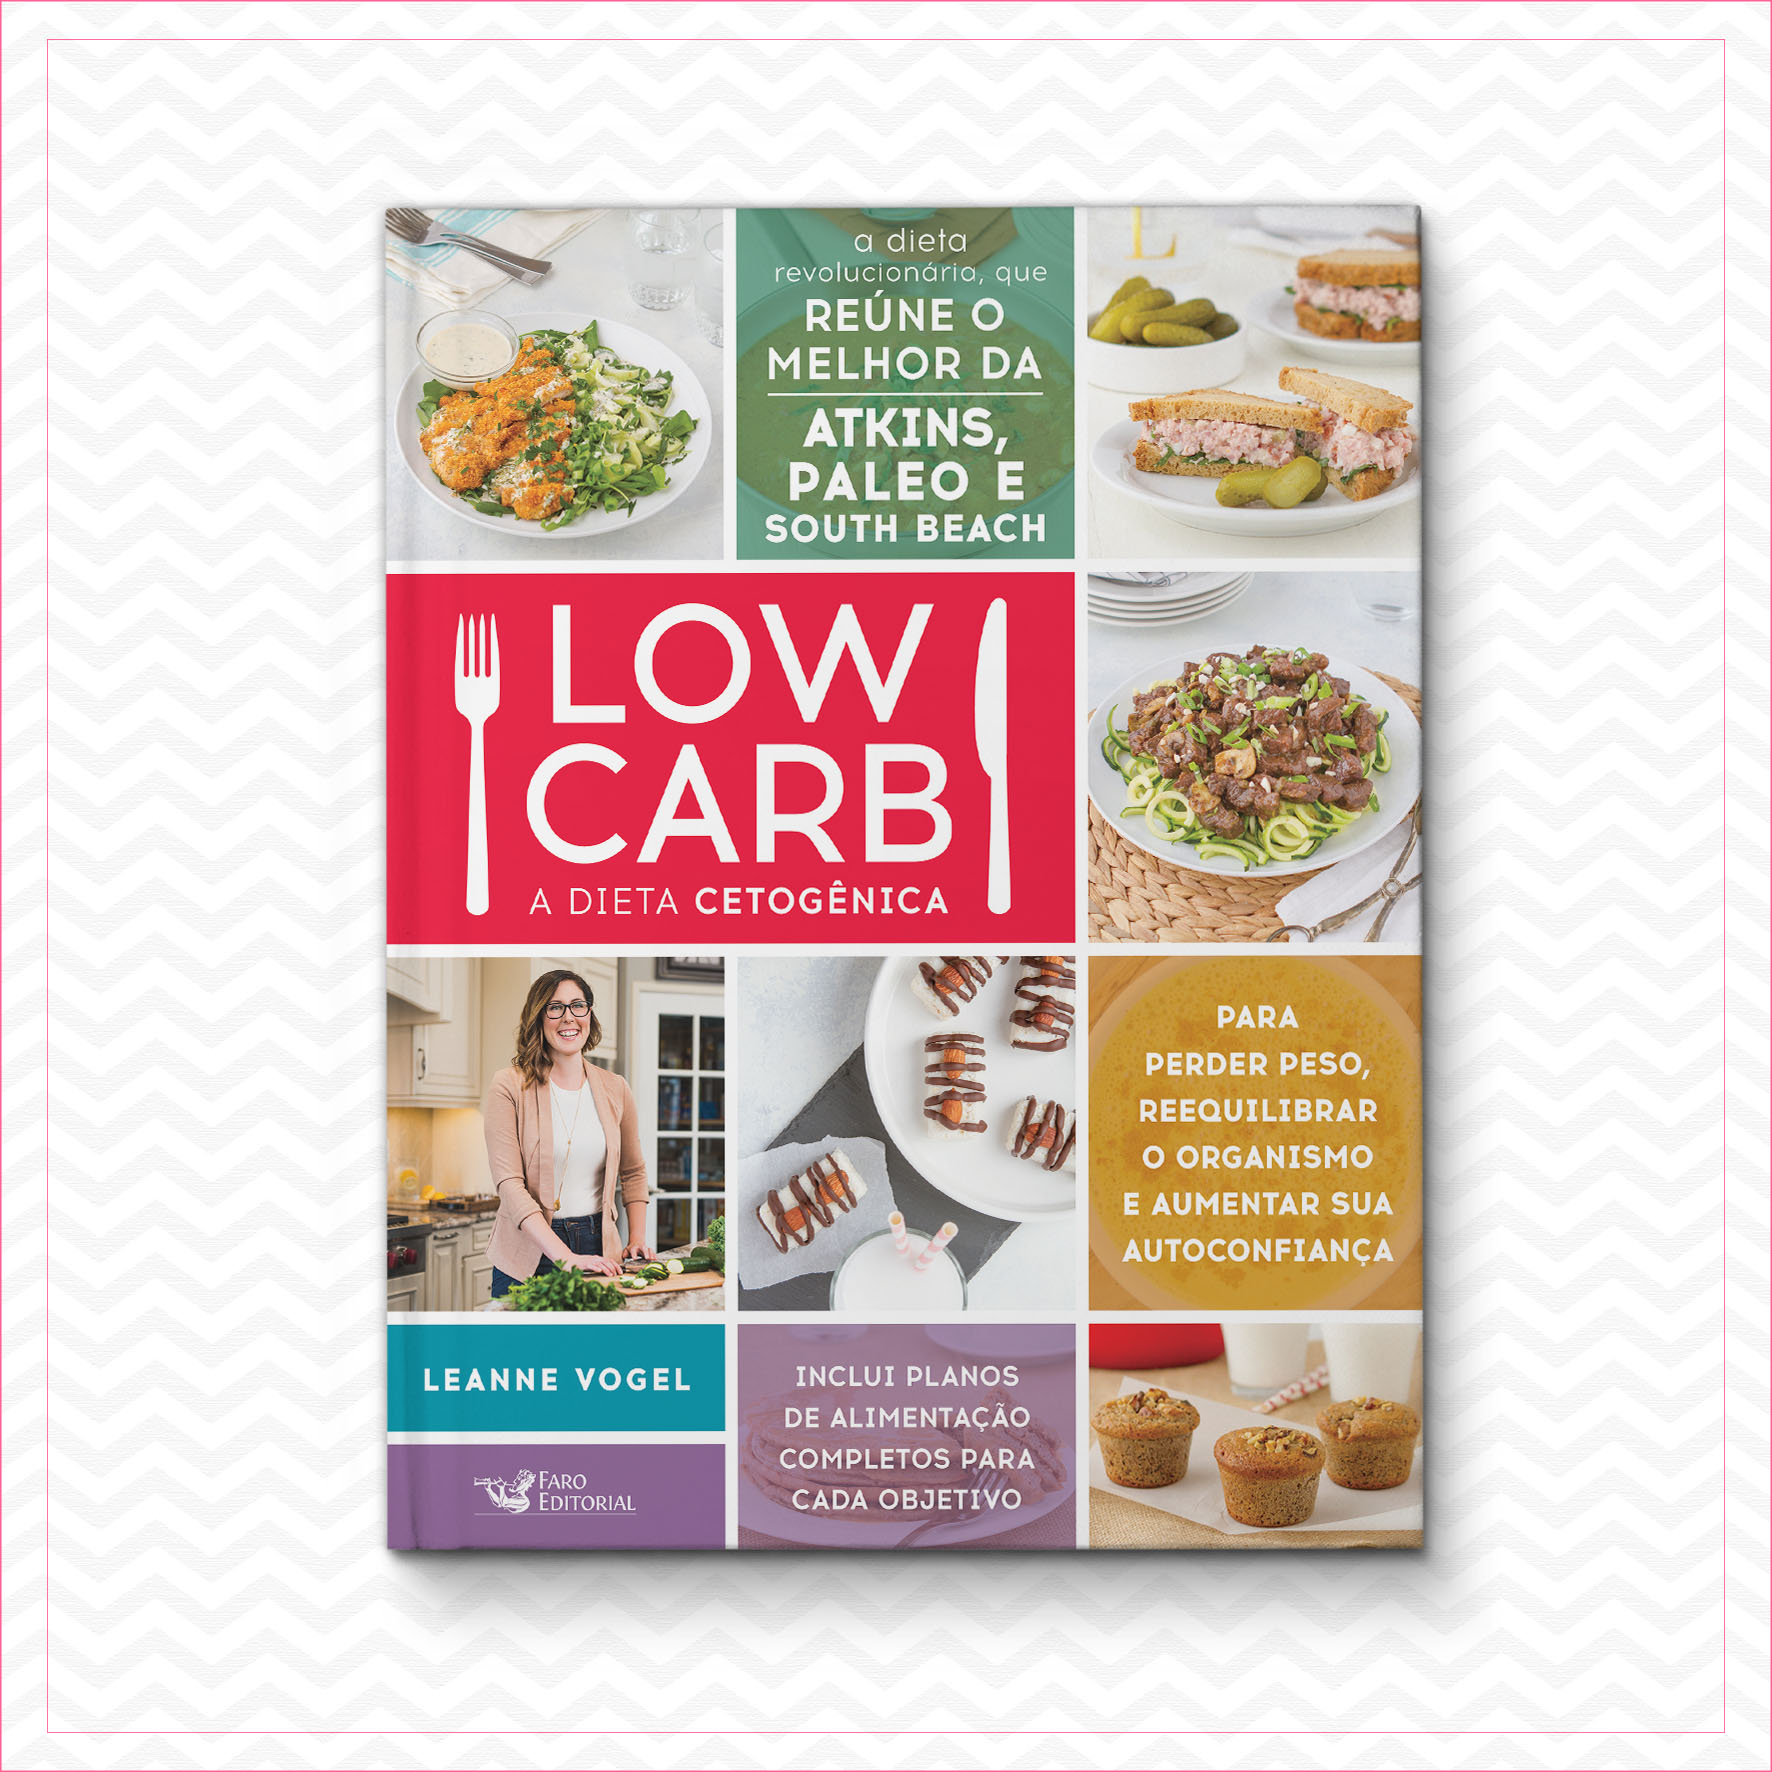 Low Carb: A Dieta Cetogênica – Leanne Vogel